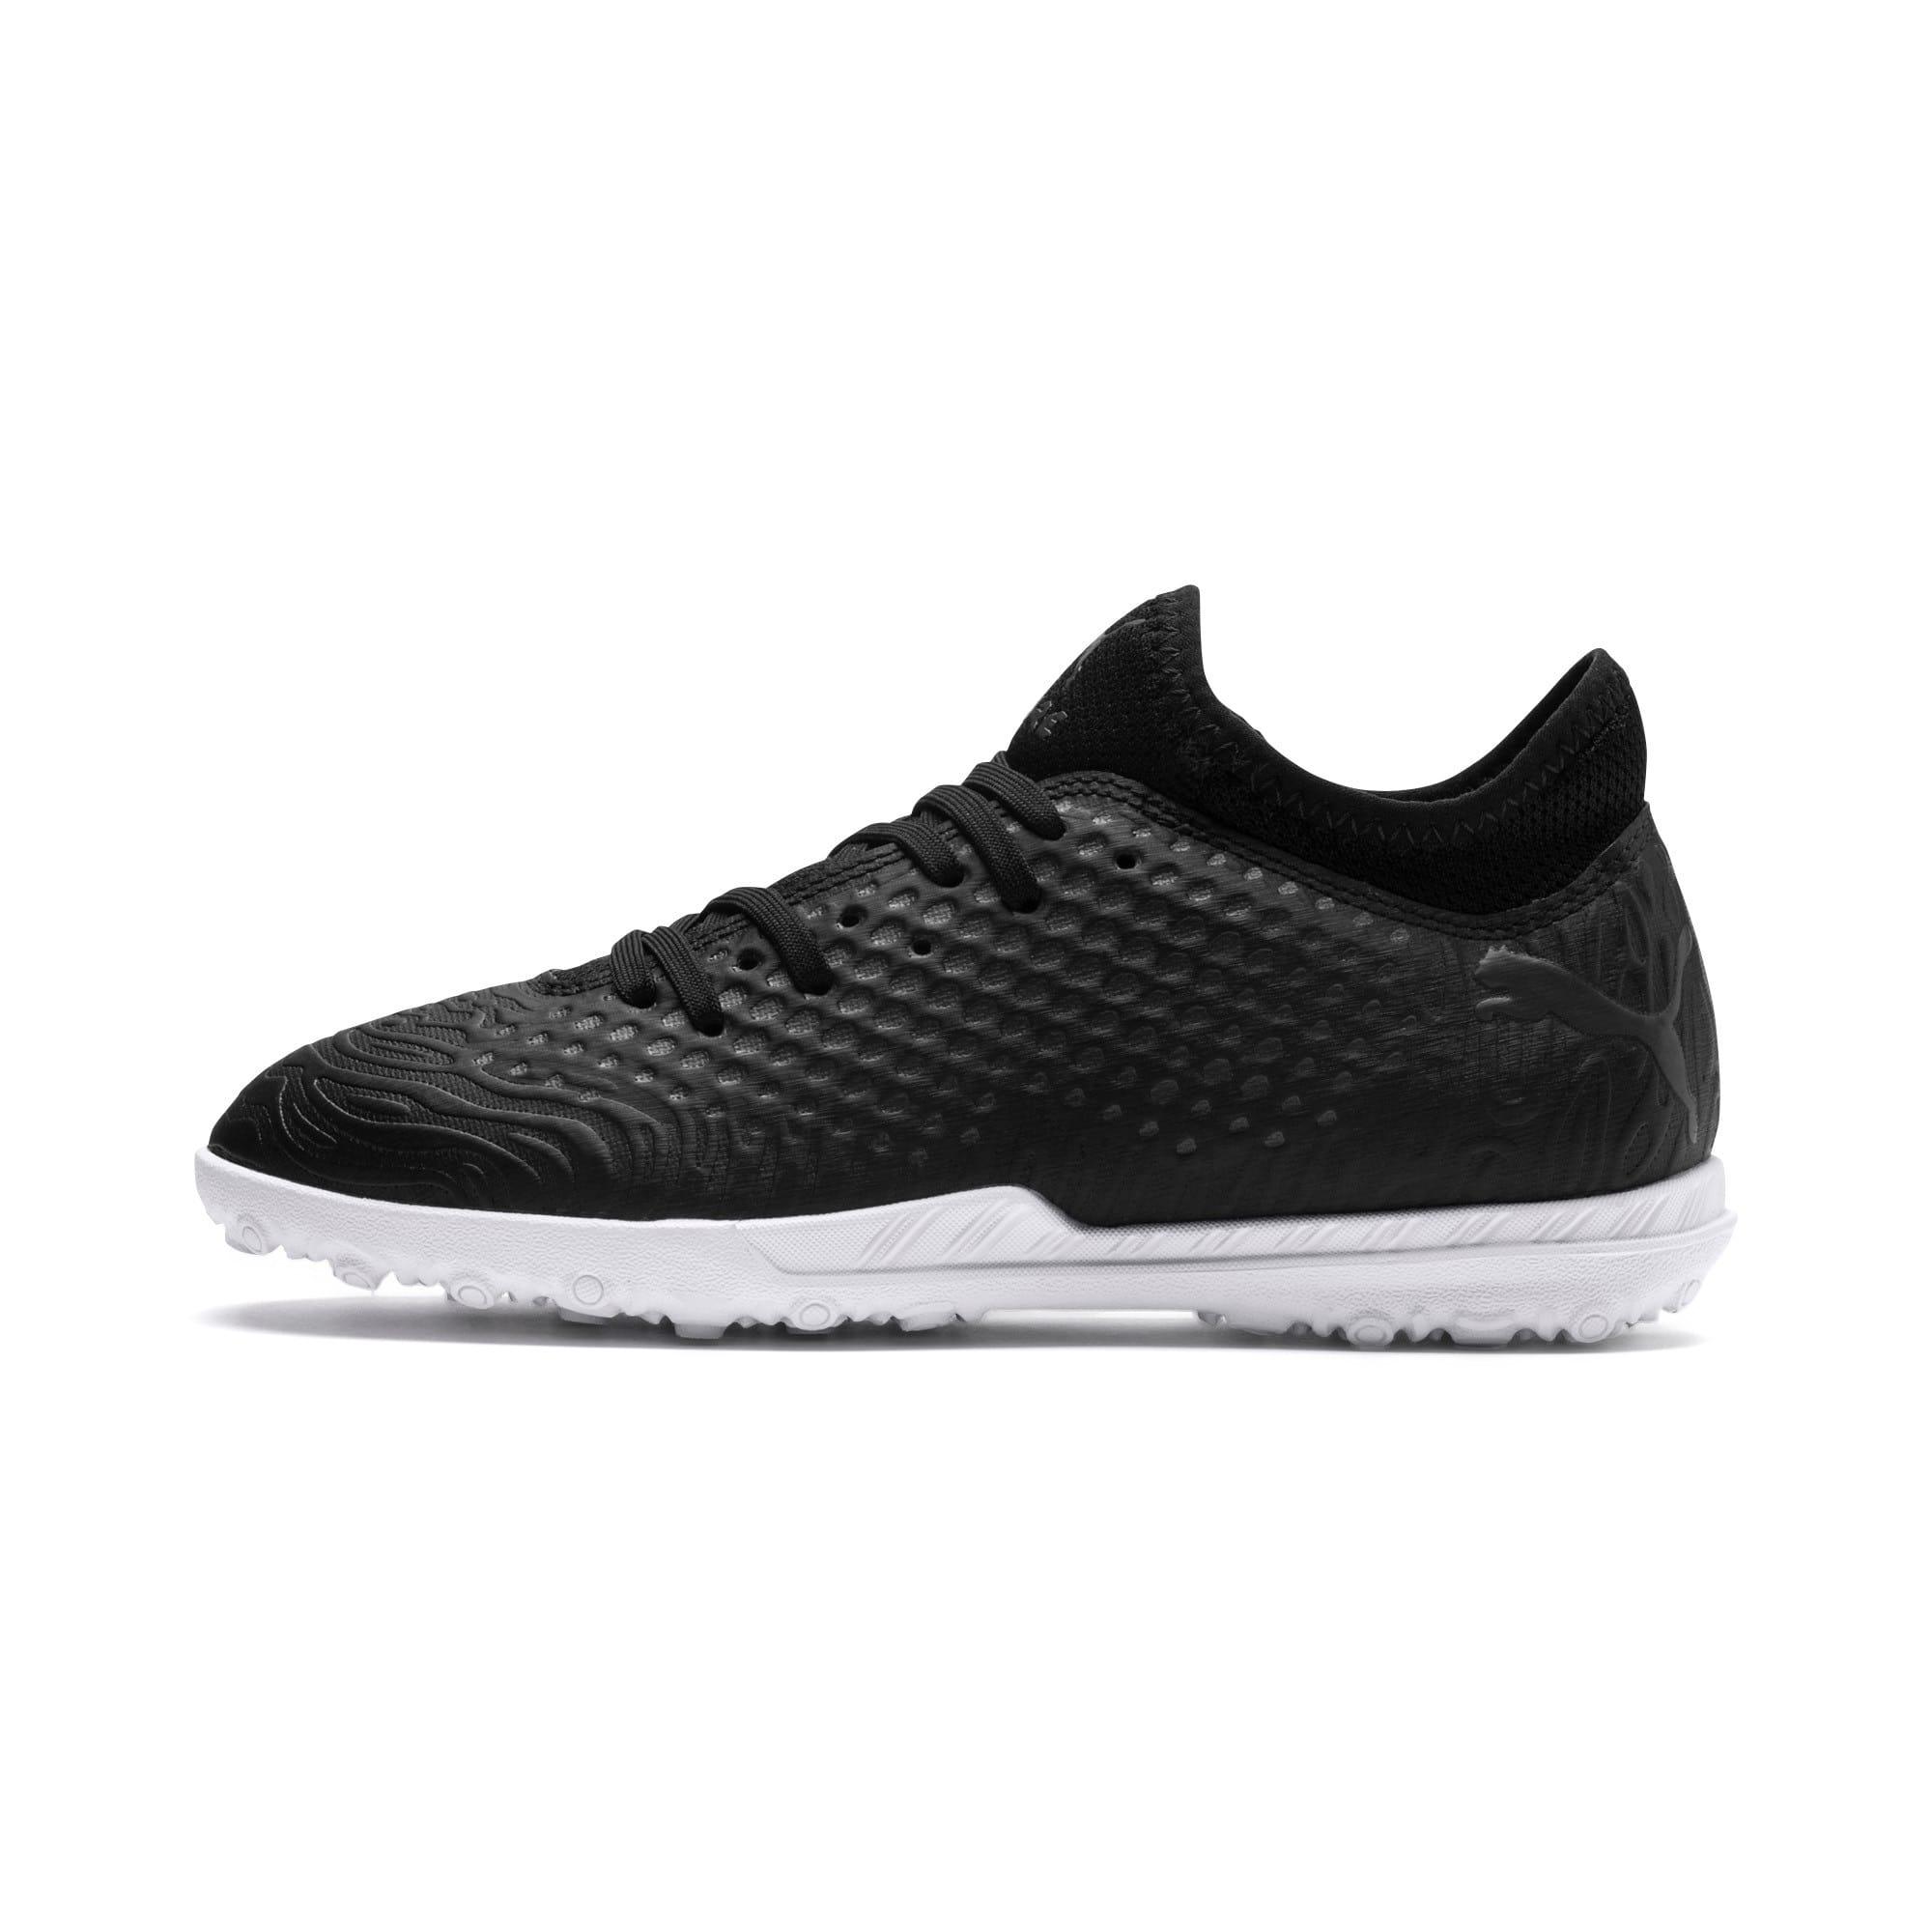 Thumbnail 1 of FUTURE 19.4 TT Soccer Shoes JR, Puma Black-Puma Black-White, medium